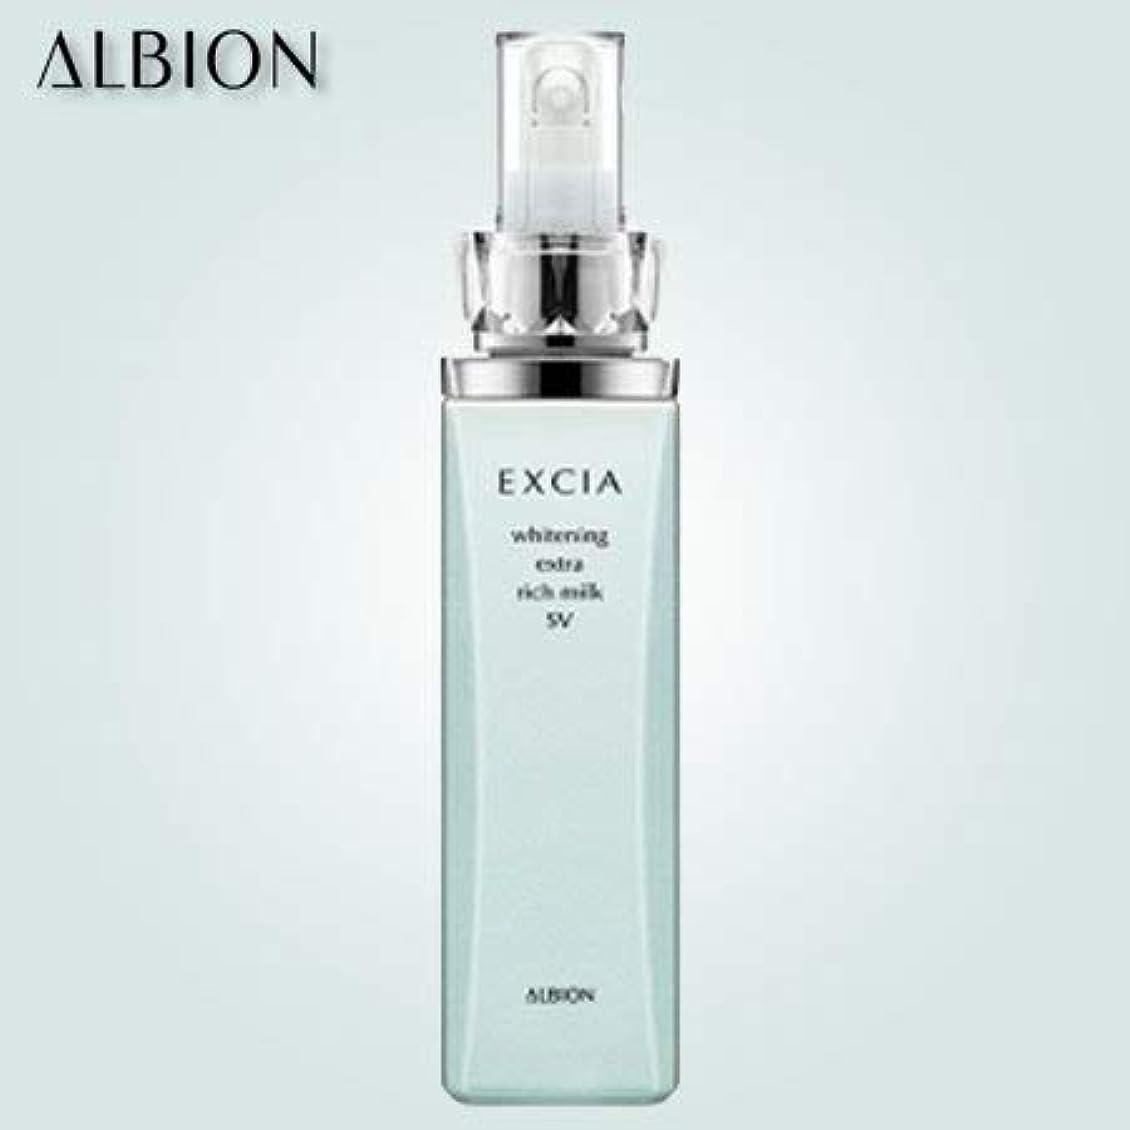 信念私達口述アルビオン エクシアAL ホワイトニング エクストラリッチミルク SV(ノーマル~ドライスキン用)200g-ALBION-